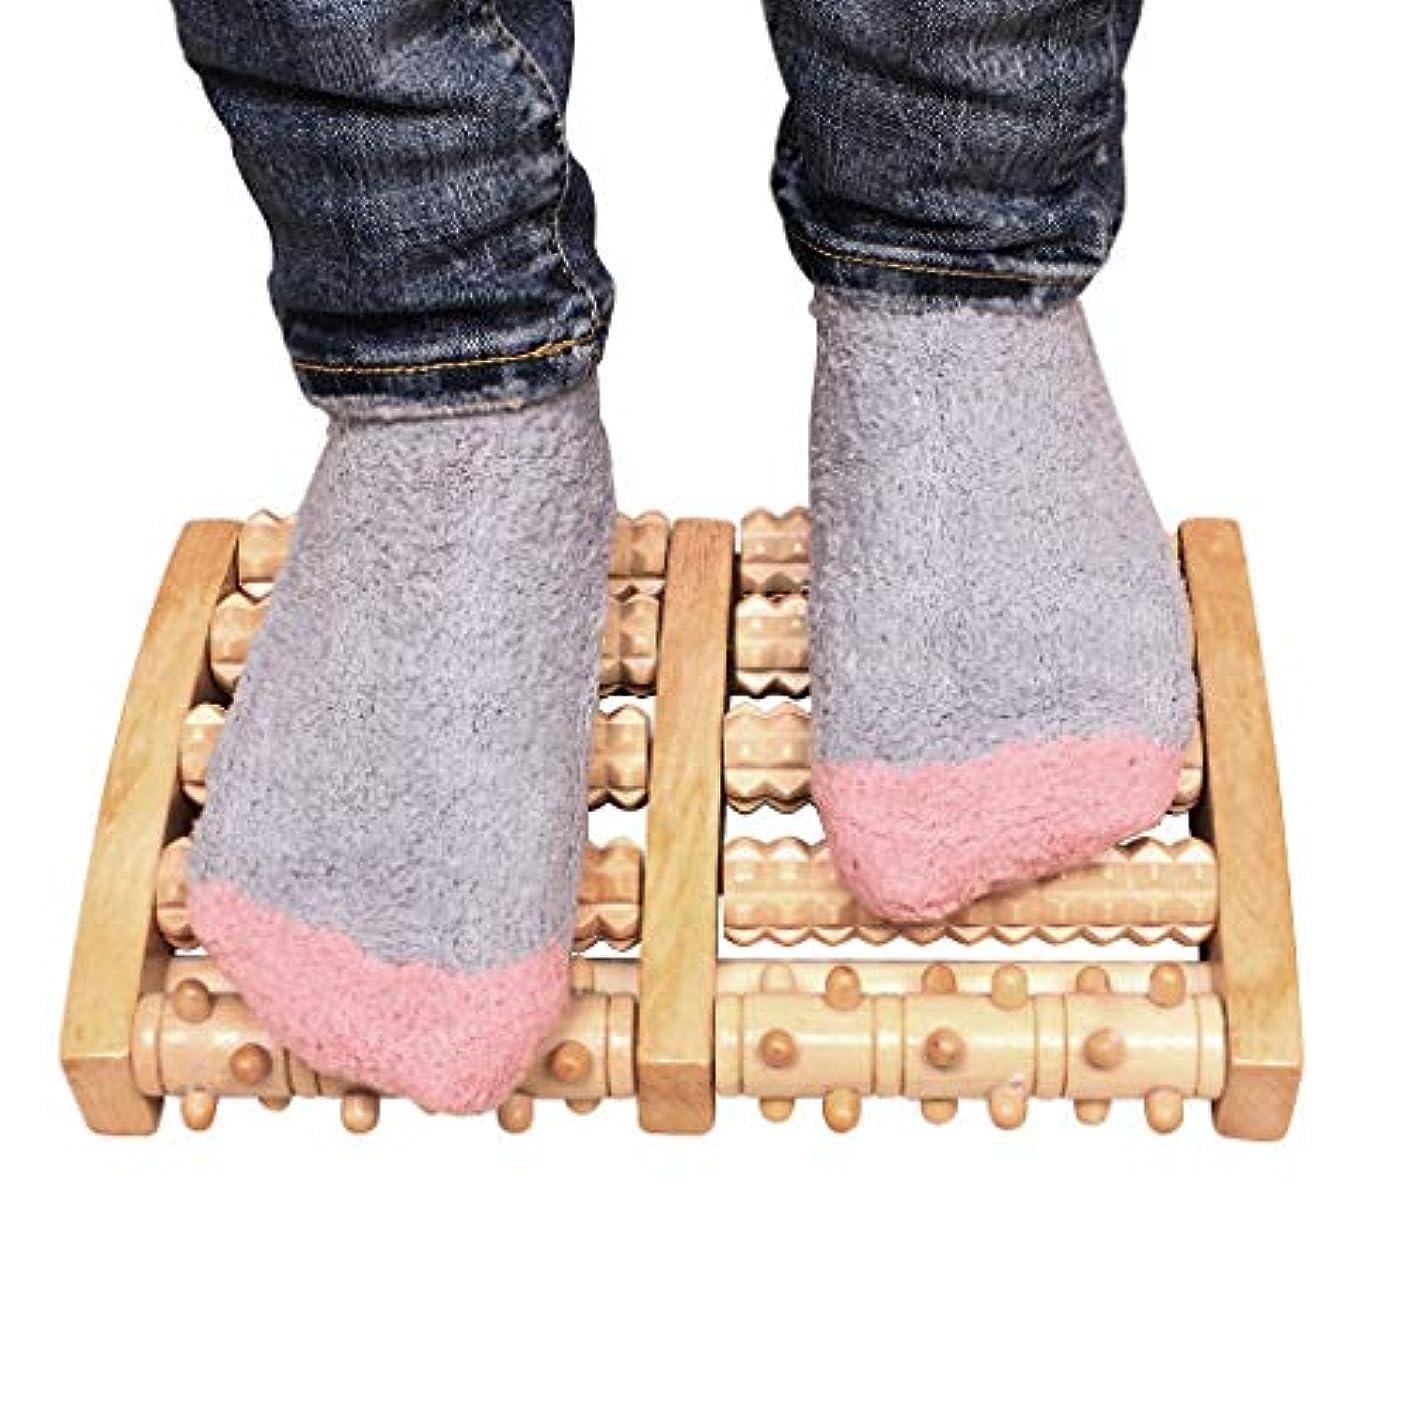 海港禁止するコーンウォール木の二重足のマッサージャー、足底筋膜炎のためのローラーの痛みの軽減治癒拍車ディープティッシュ指圧フット&ヒールマッサージャー